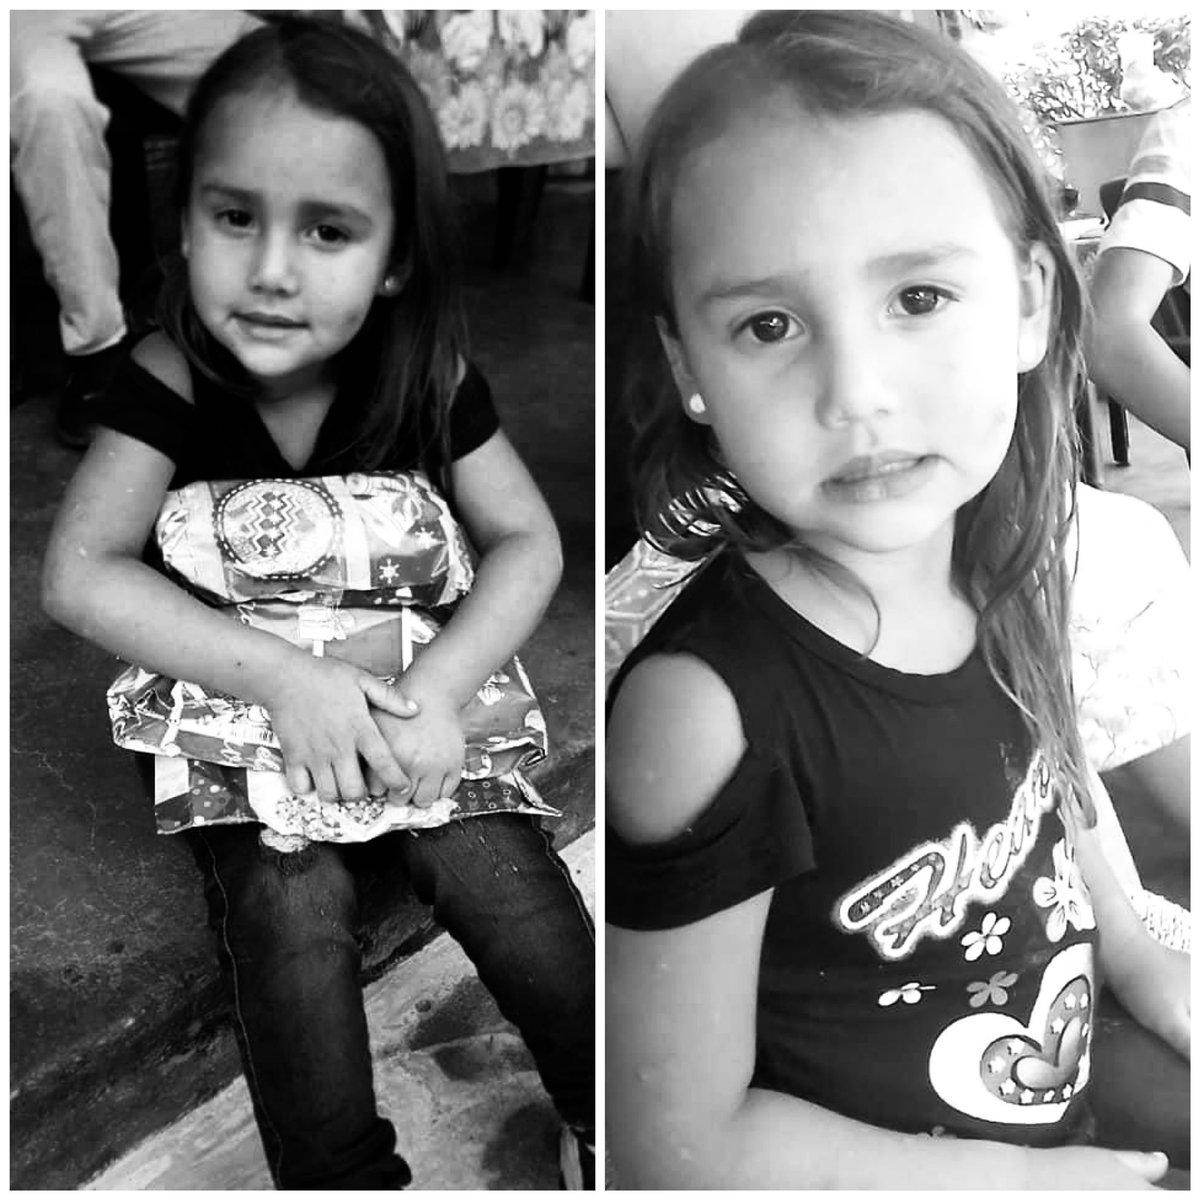 🖤🇨🇴¡Colombia una vez más de luto por #NuestrosNiños!🇨🇴🖤Dolor profundo, dolor en el alma, dolor por los #Niños, dolor de país! Las autoridades confirman que encontraron el cuerpo de nuestra pequeña 👼🏻María Ángel👼🏻Solo tenia 4 añitos y la asesinaron de la manera más despiadada.